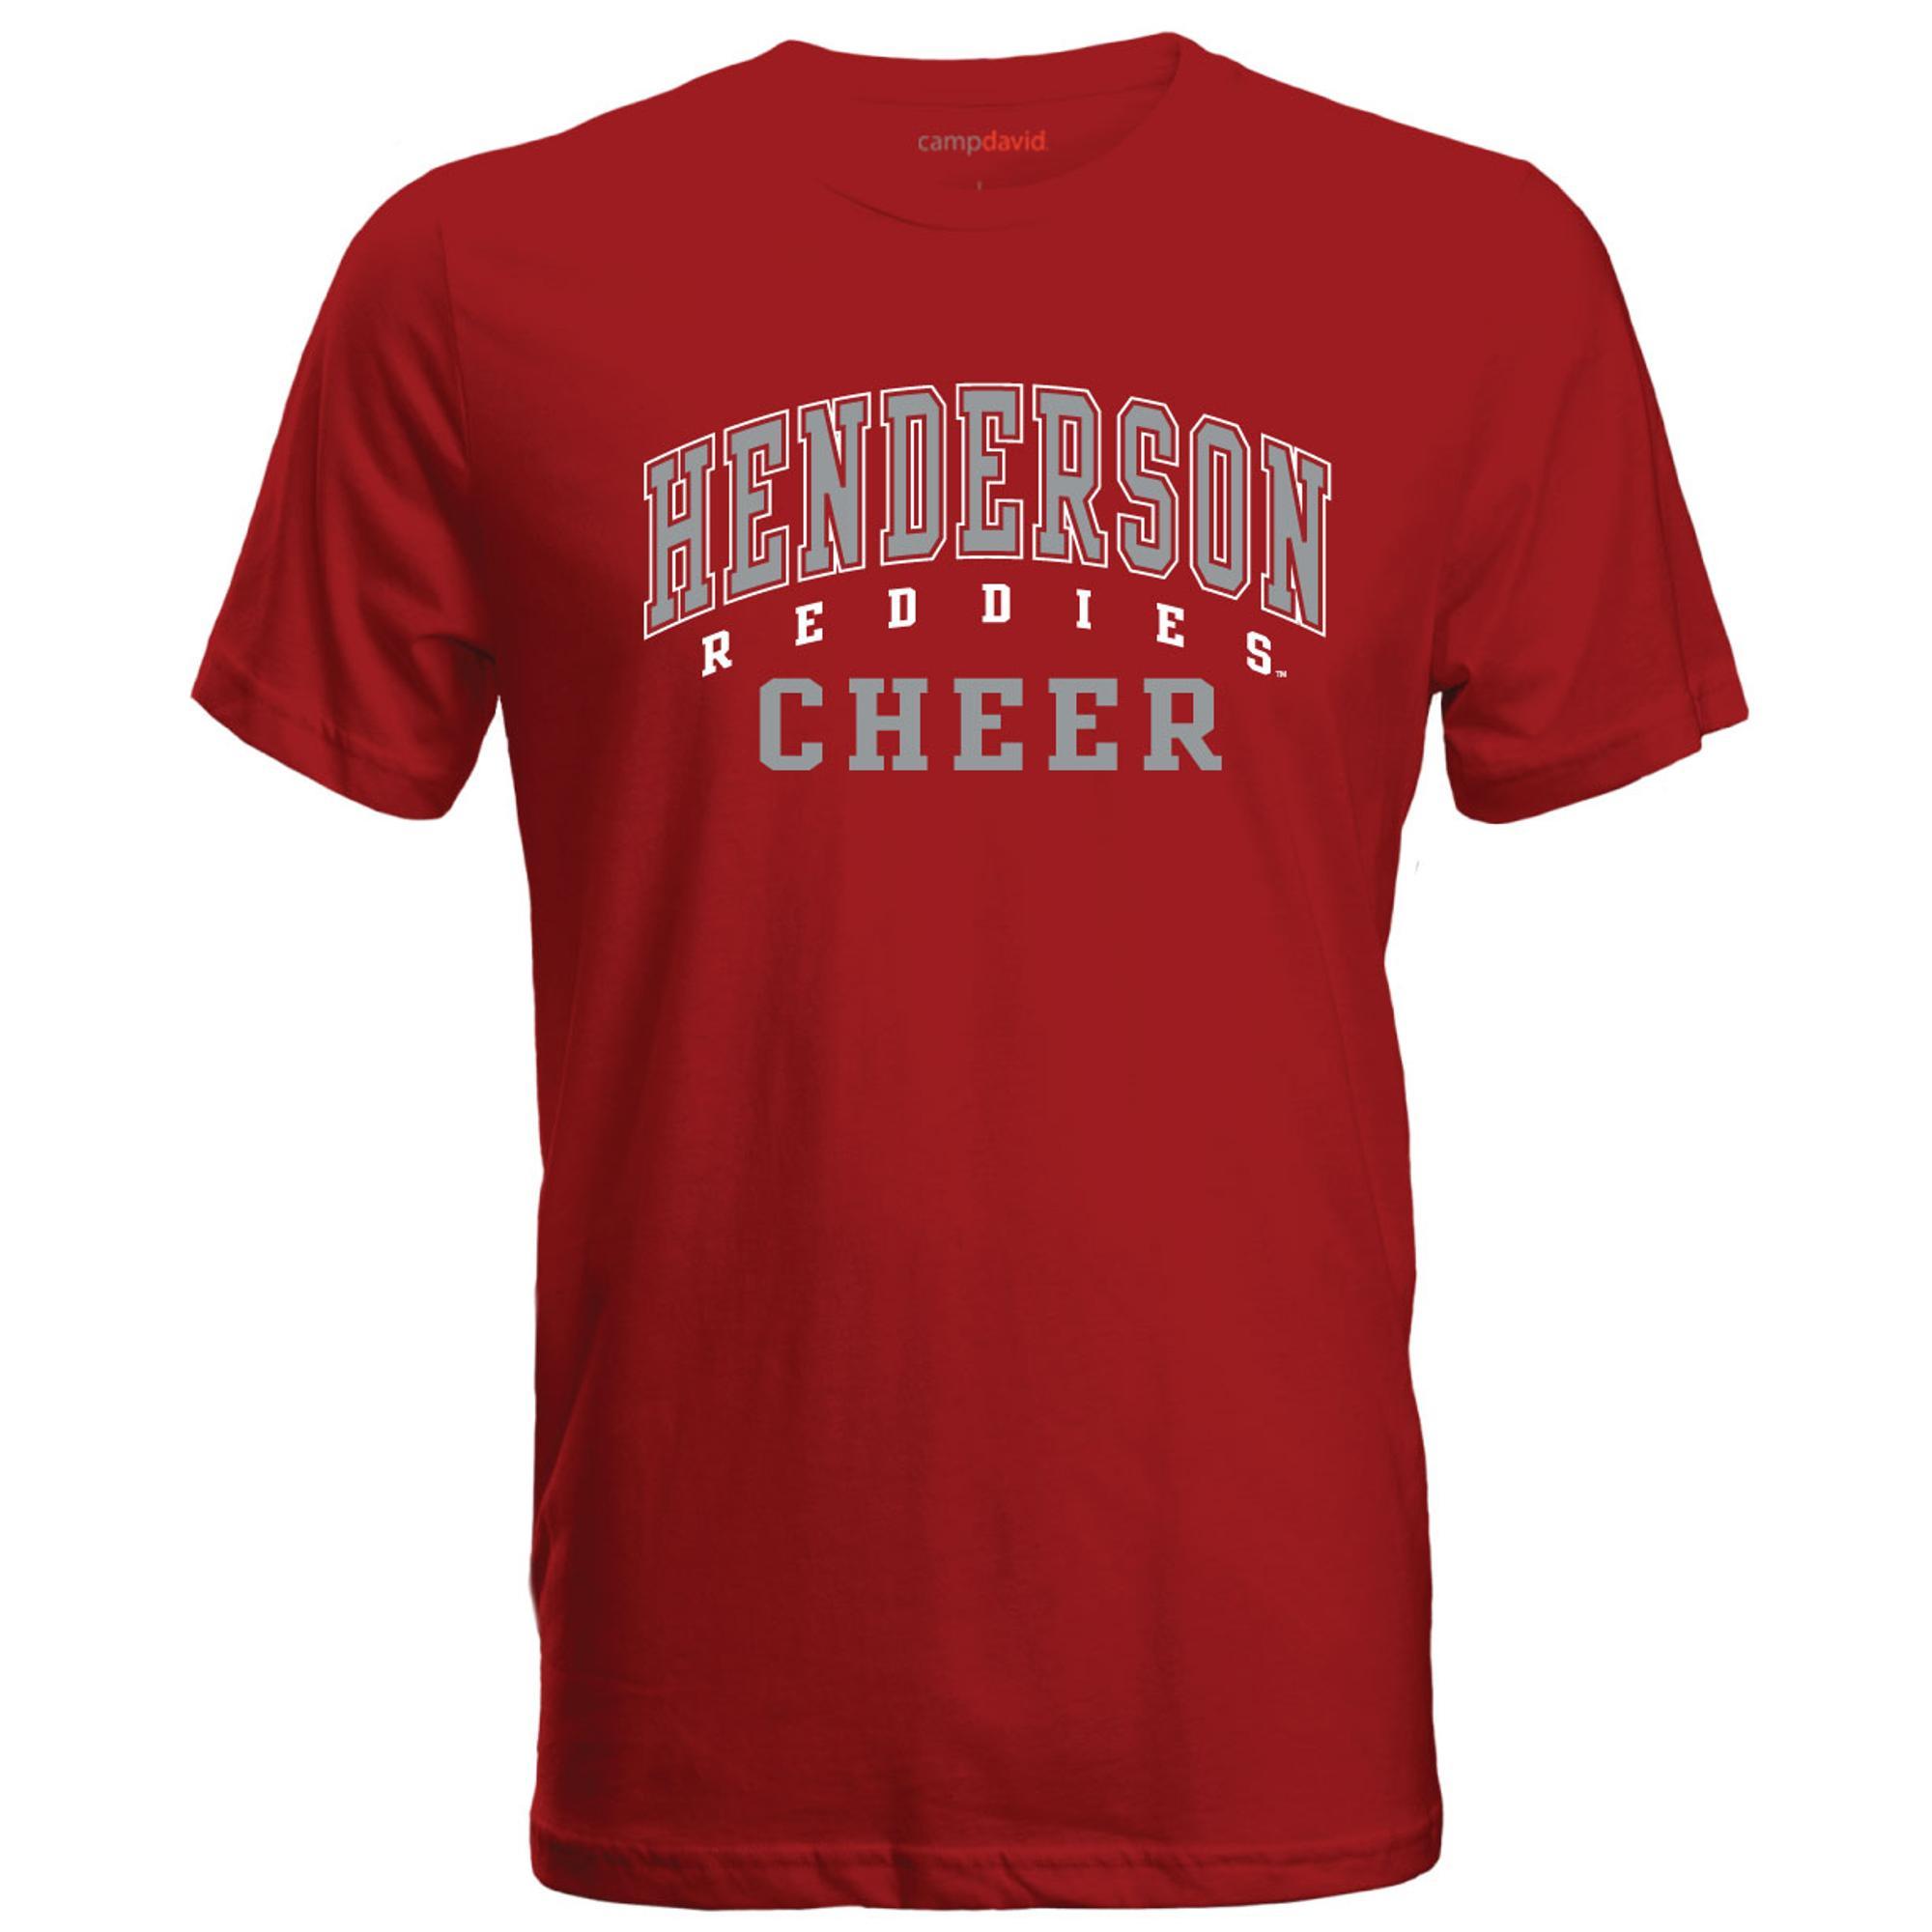 image of: Henderson Reddies Cheer Cruiser Tee